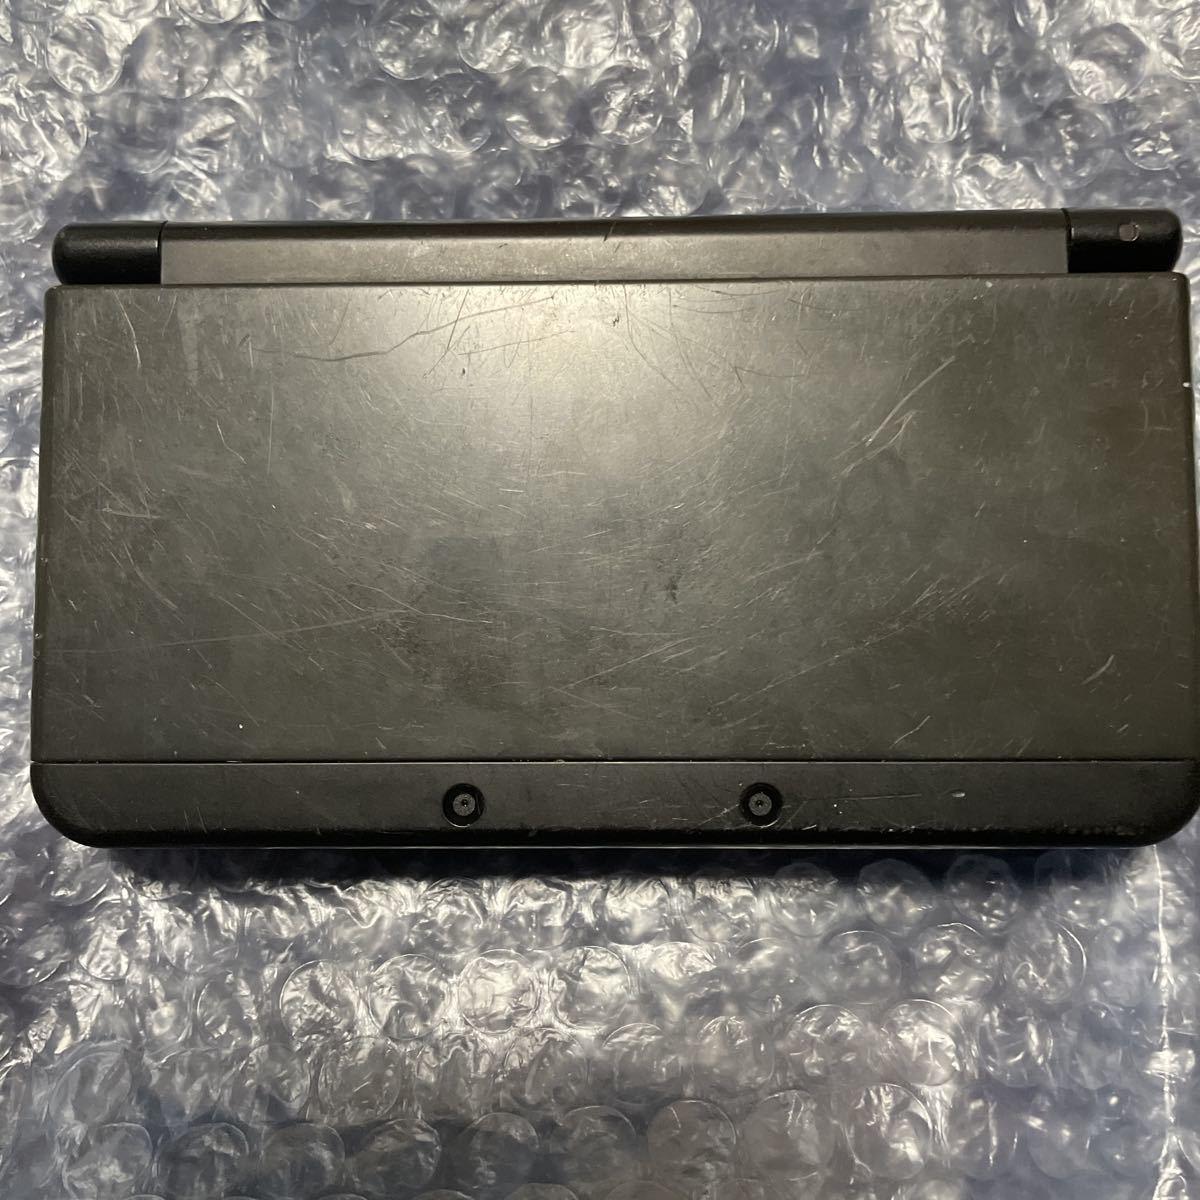 Newニンテンドー3DS ブラック